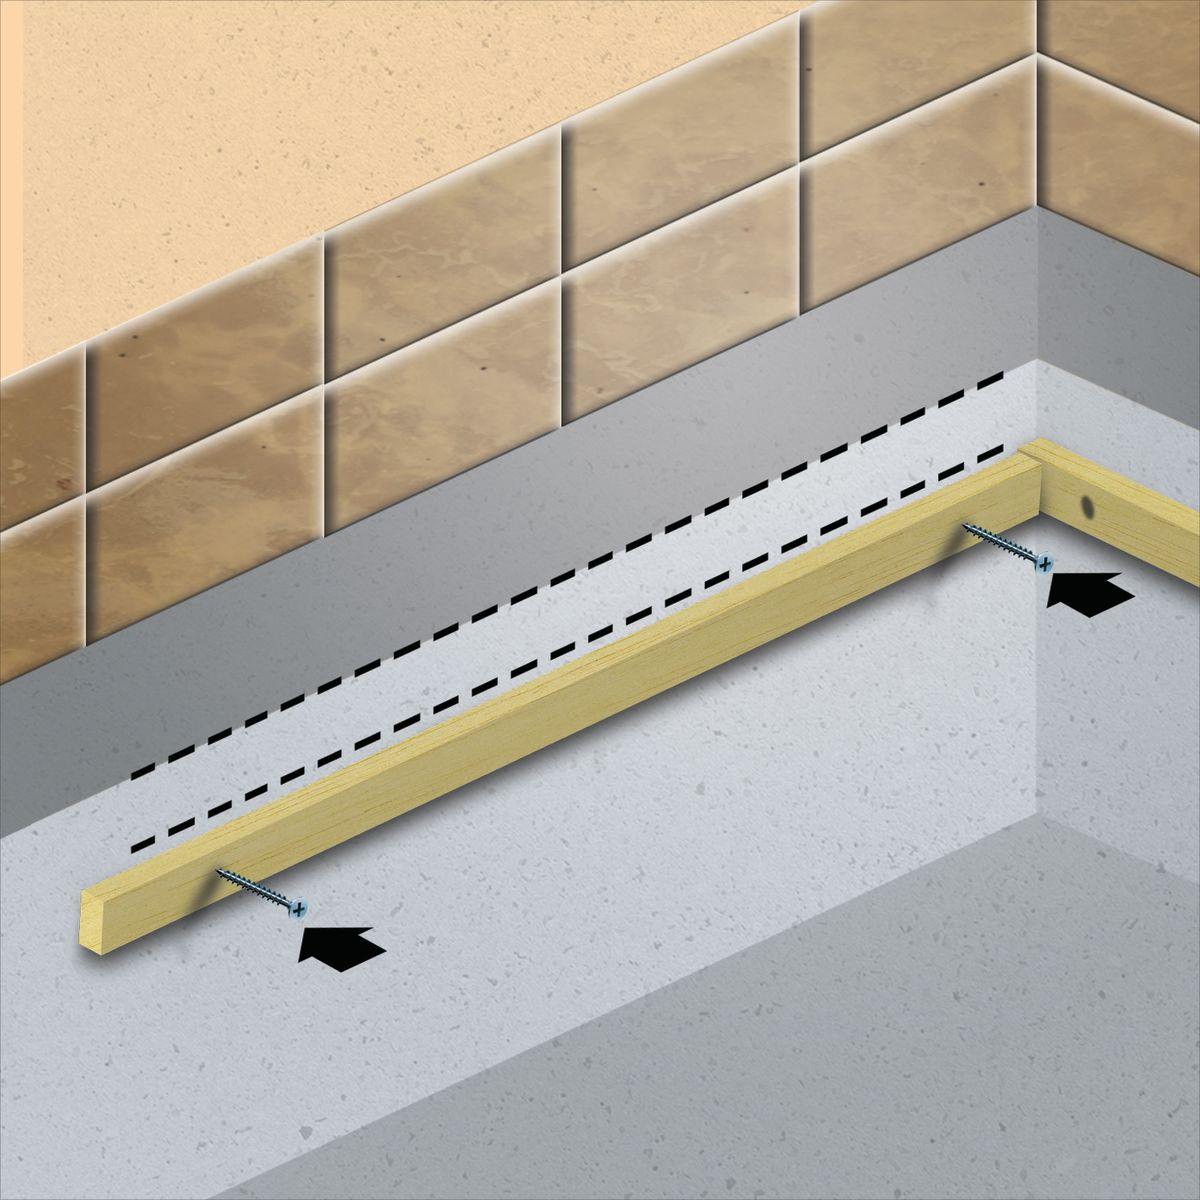 Come installare una vasca da bagno - Guide e Tutorial | LeroyMerlin